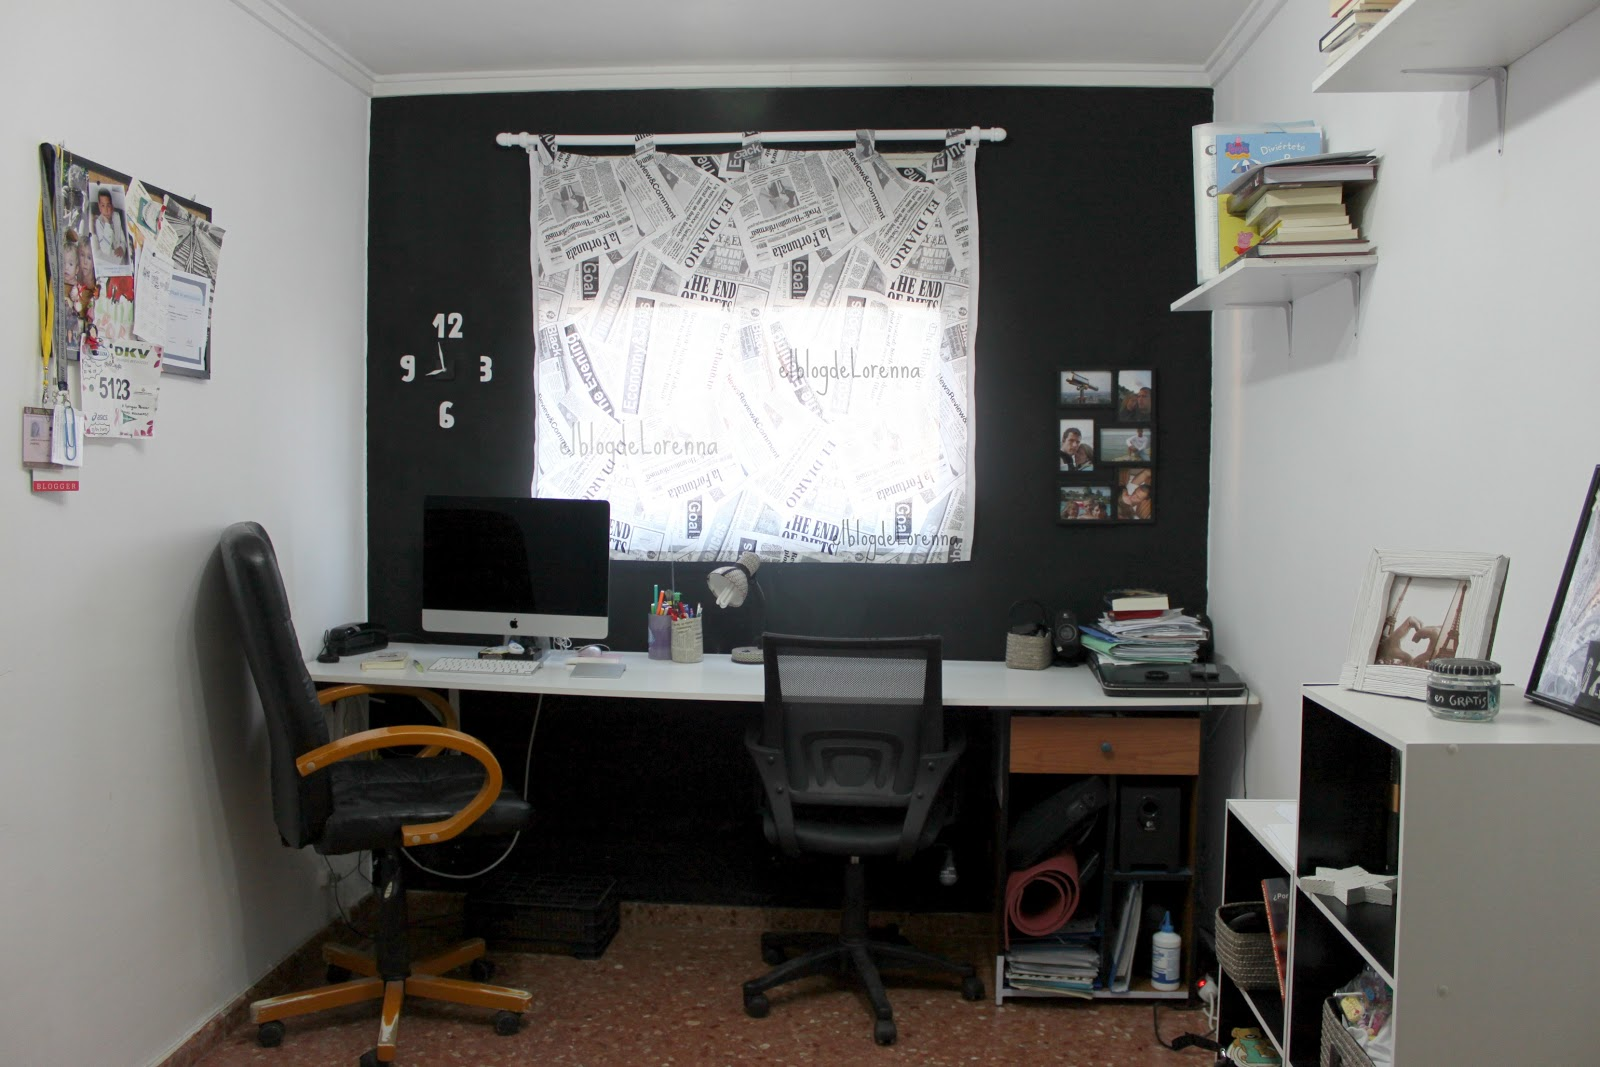 El blog de lorenna despacho en blanco y negro for Como disenar un despacho